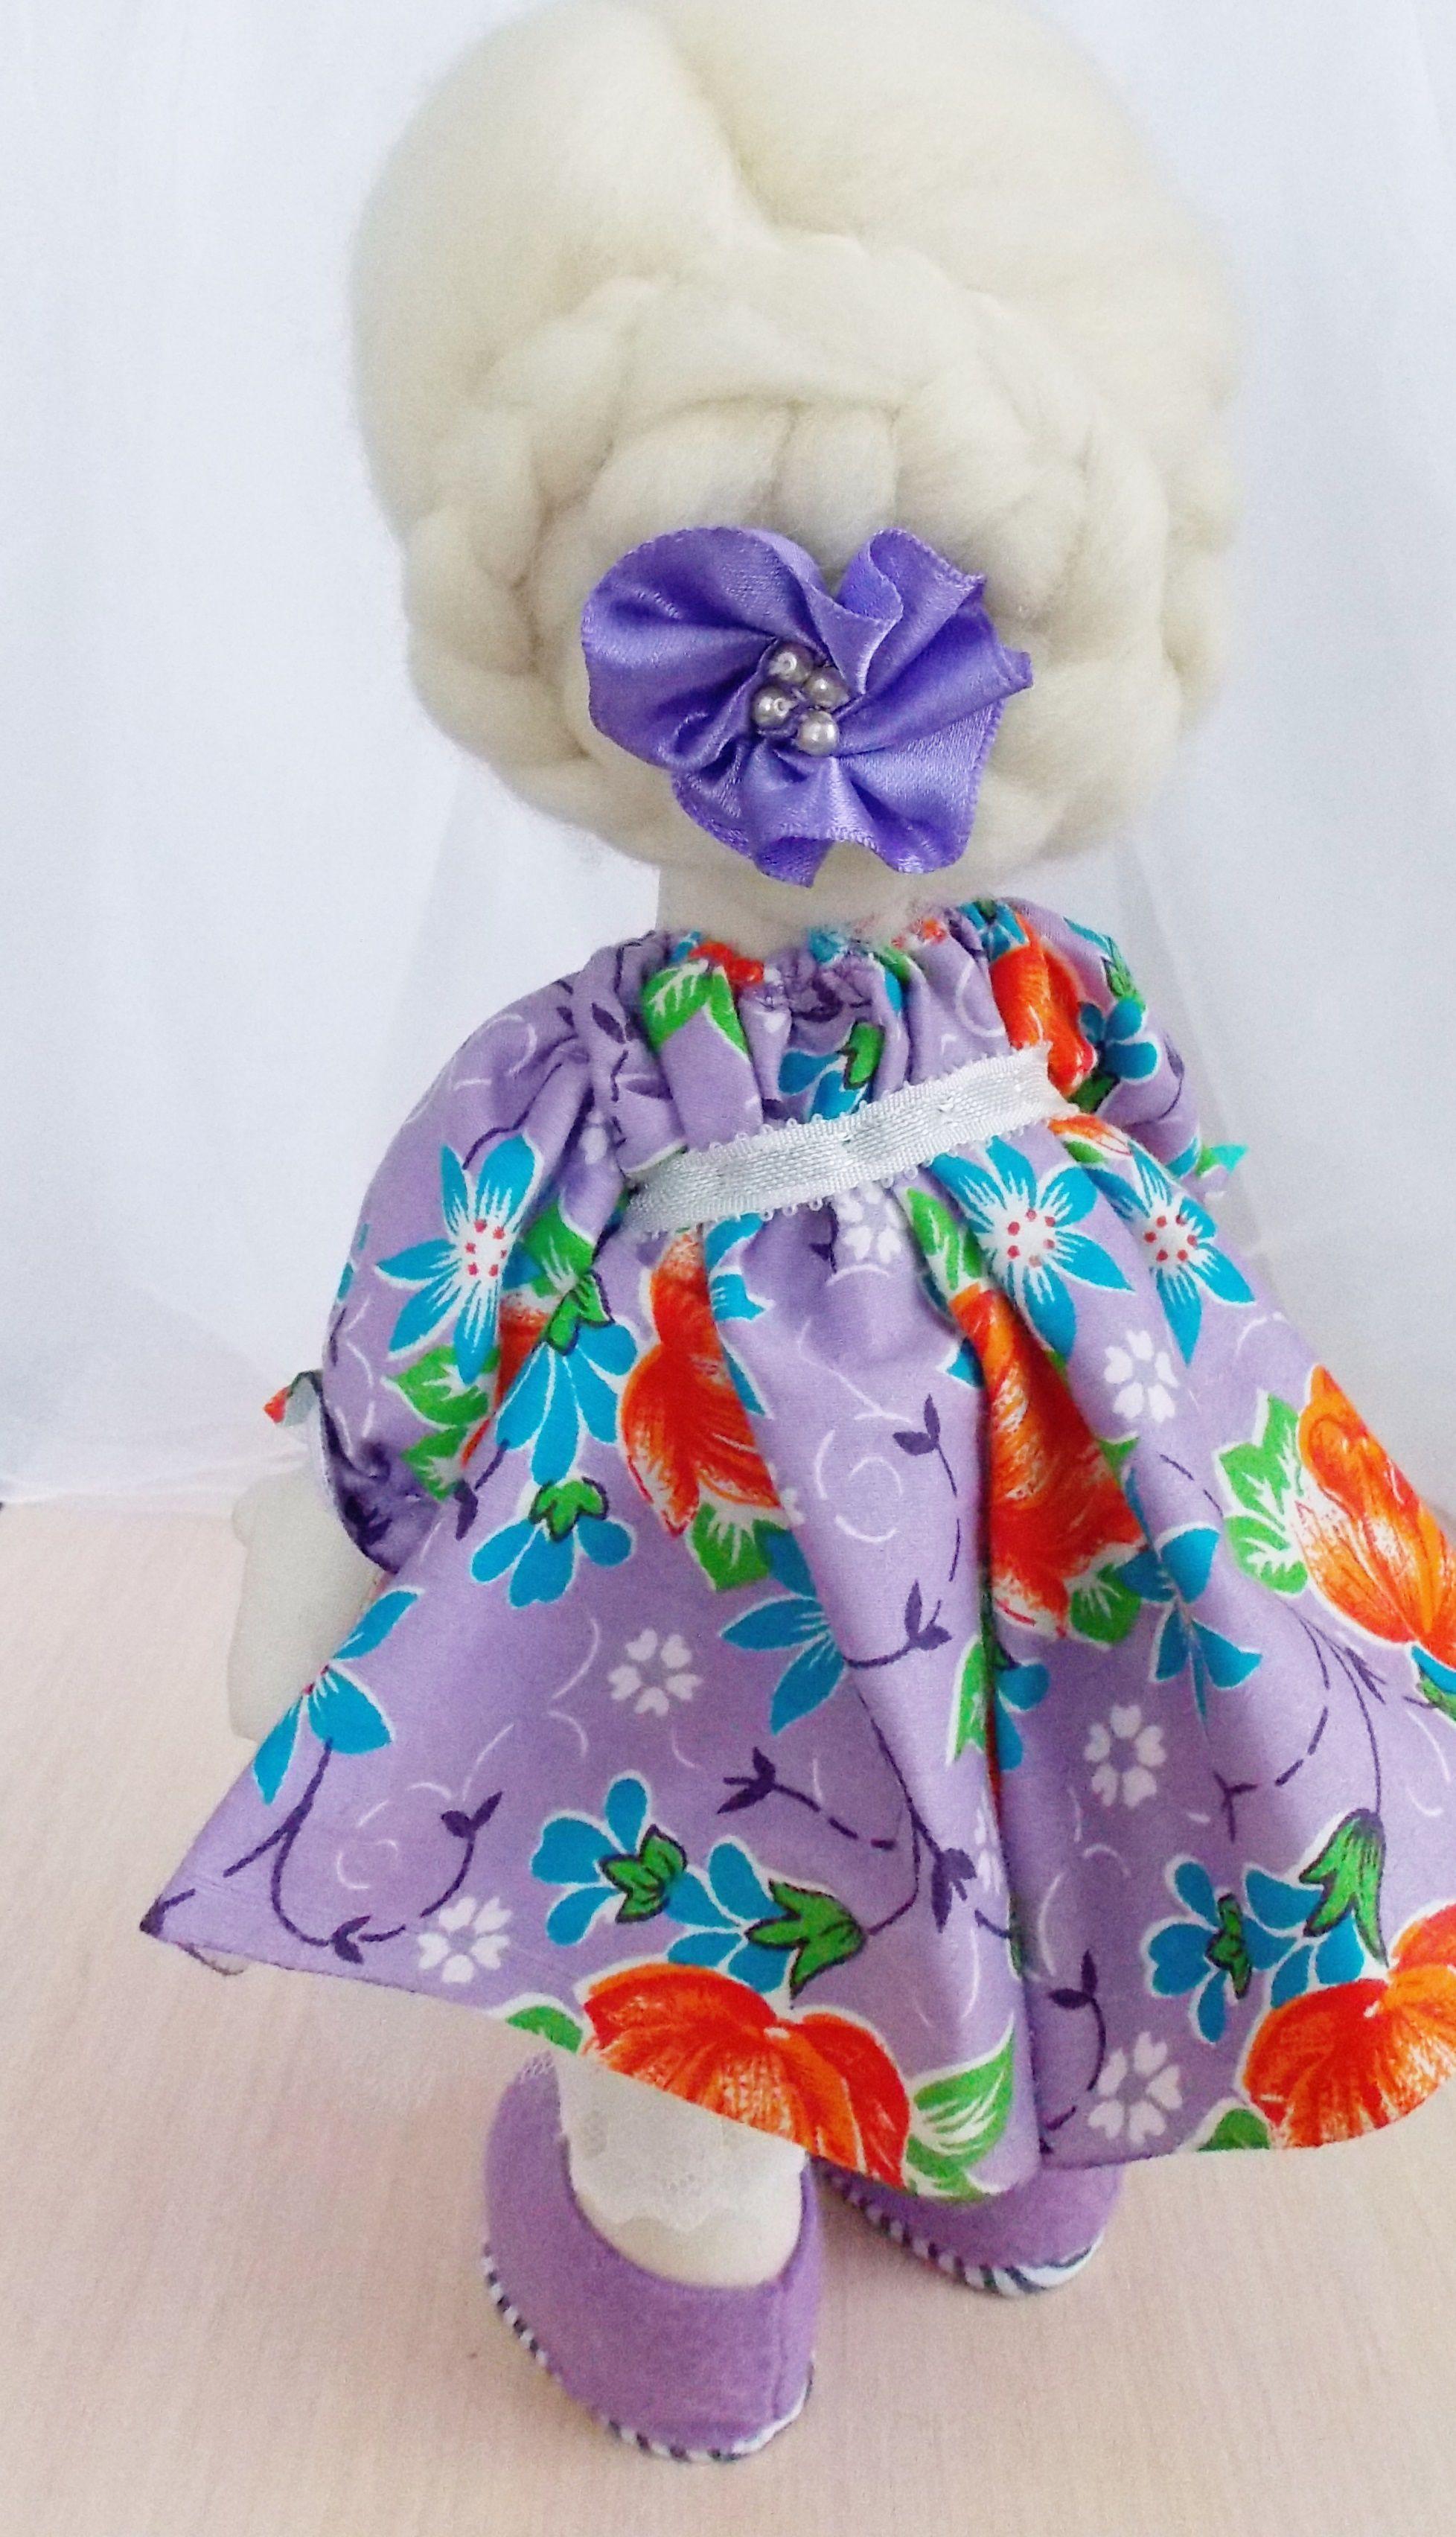 интерьерная игрушка кукла сиреневый большеножка блондинка подарок текстильная девочке